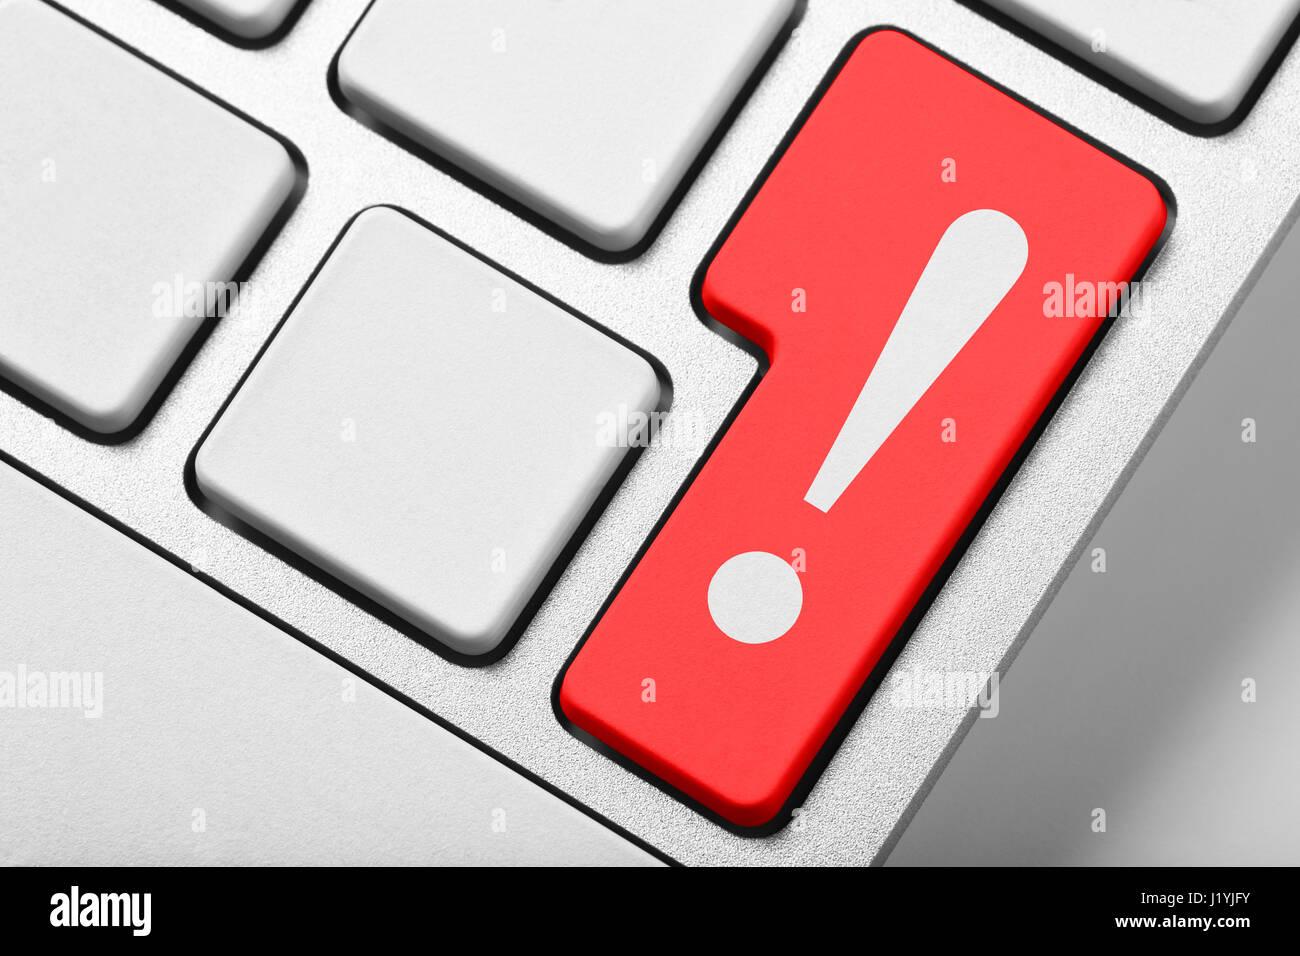 Ausrufezeichen Tastatur Stockbild